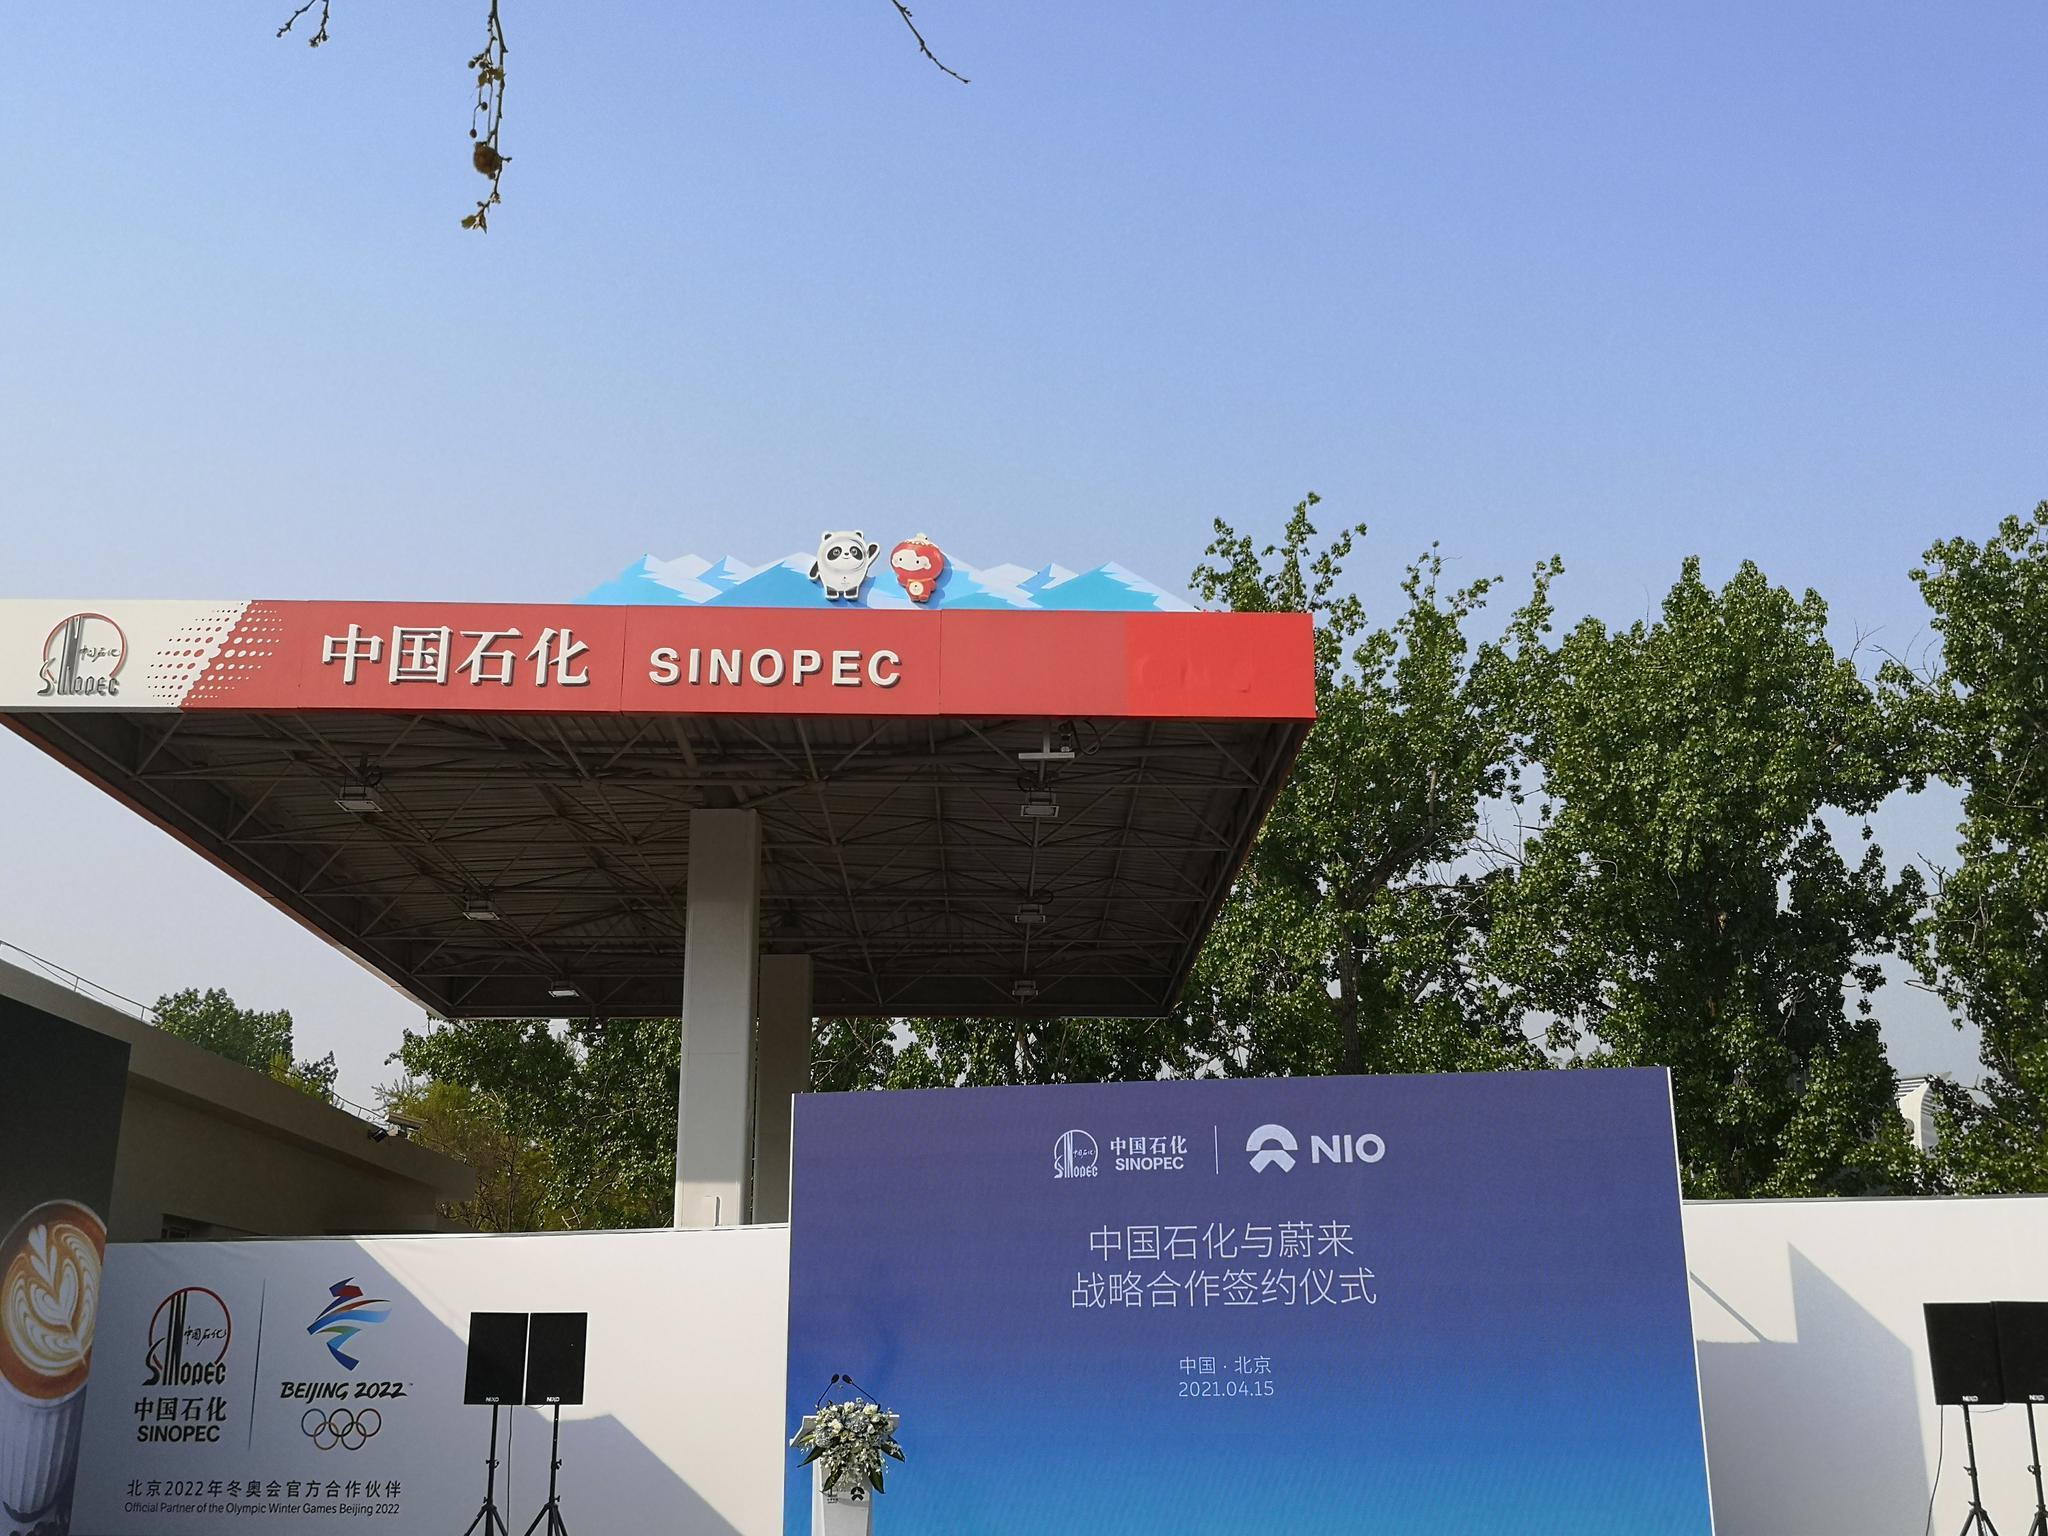 新华财经|牵手蔚来,中国石化布局智能换电业务